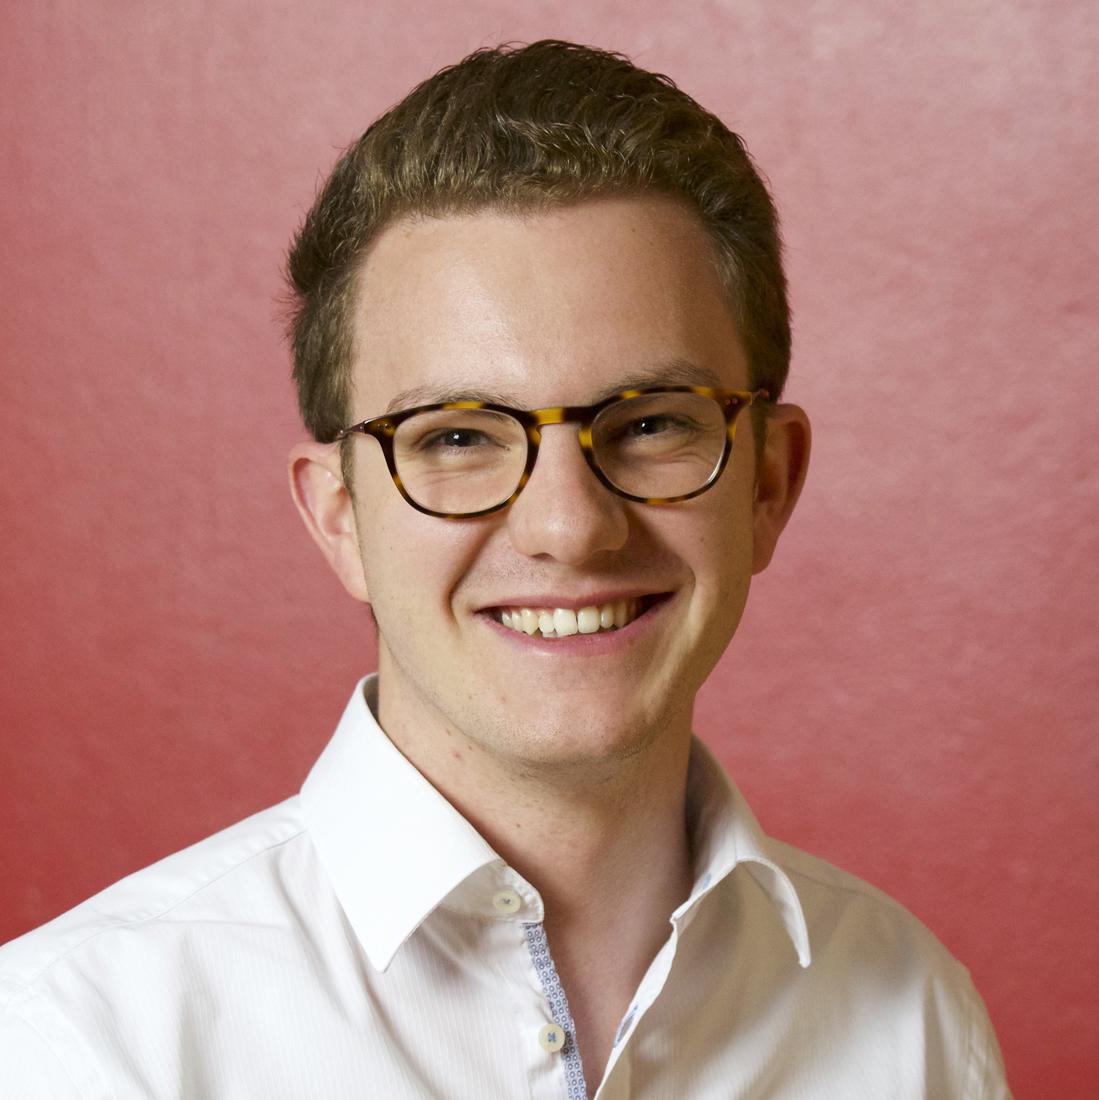 Tobias Kranz